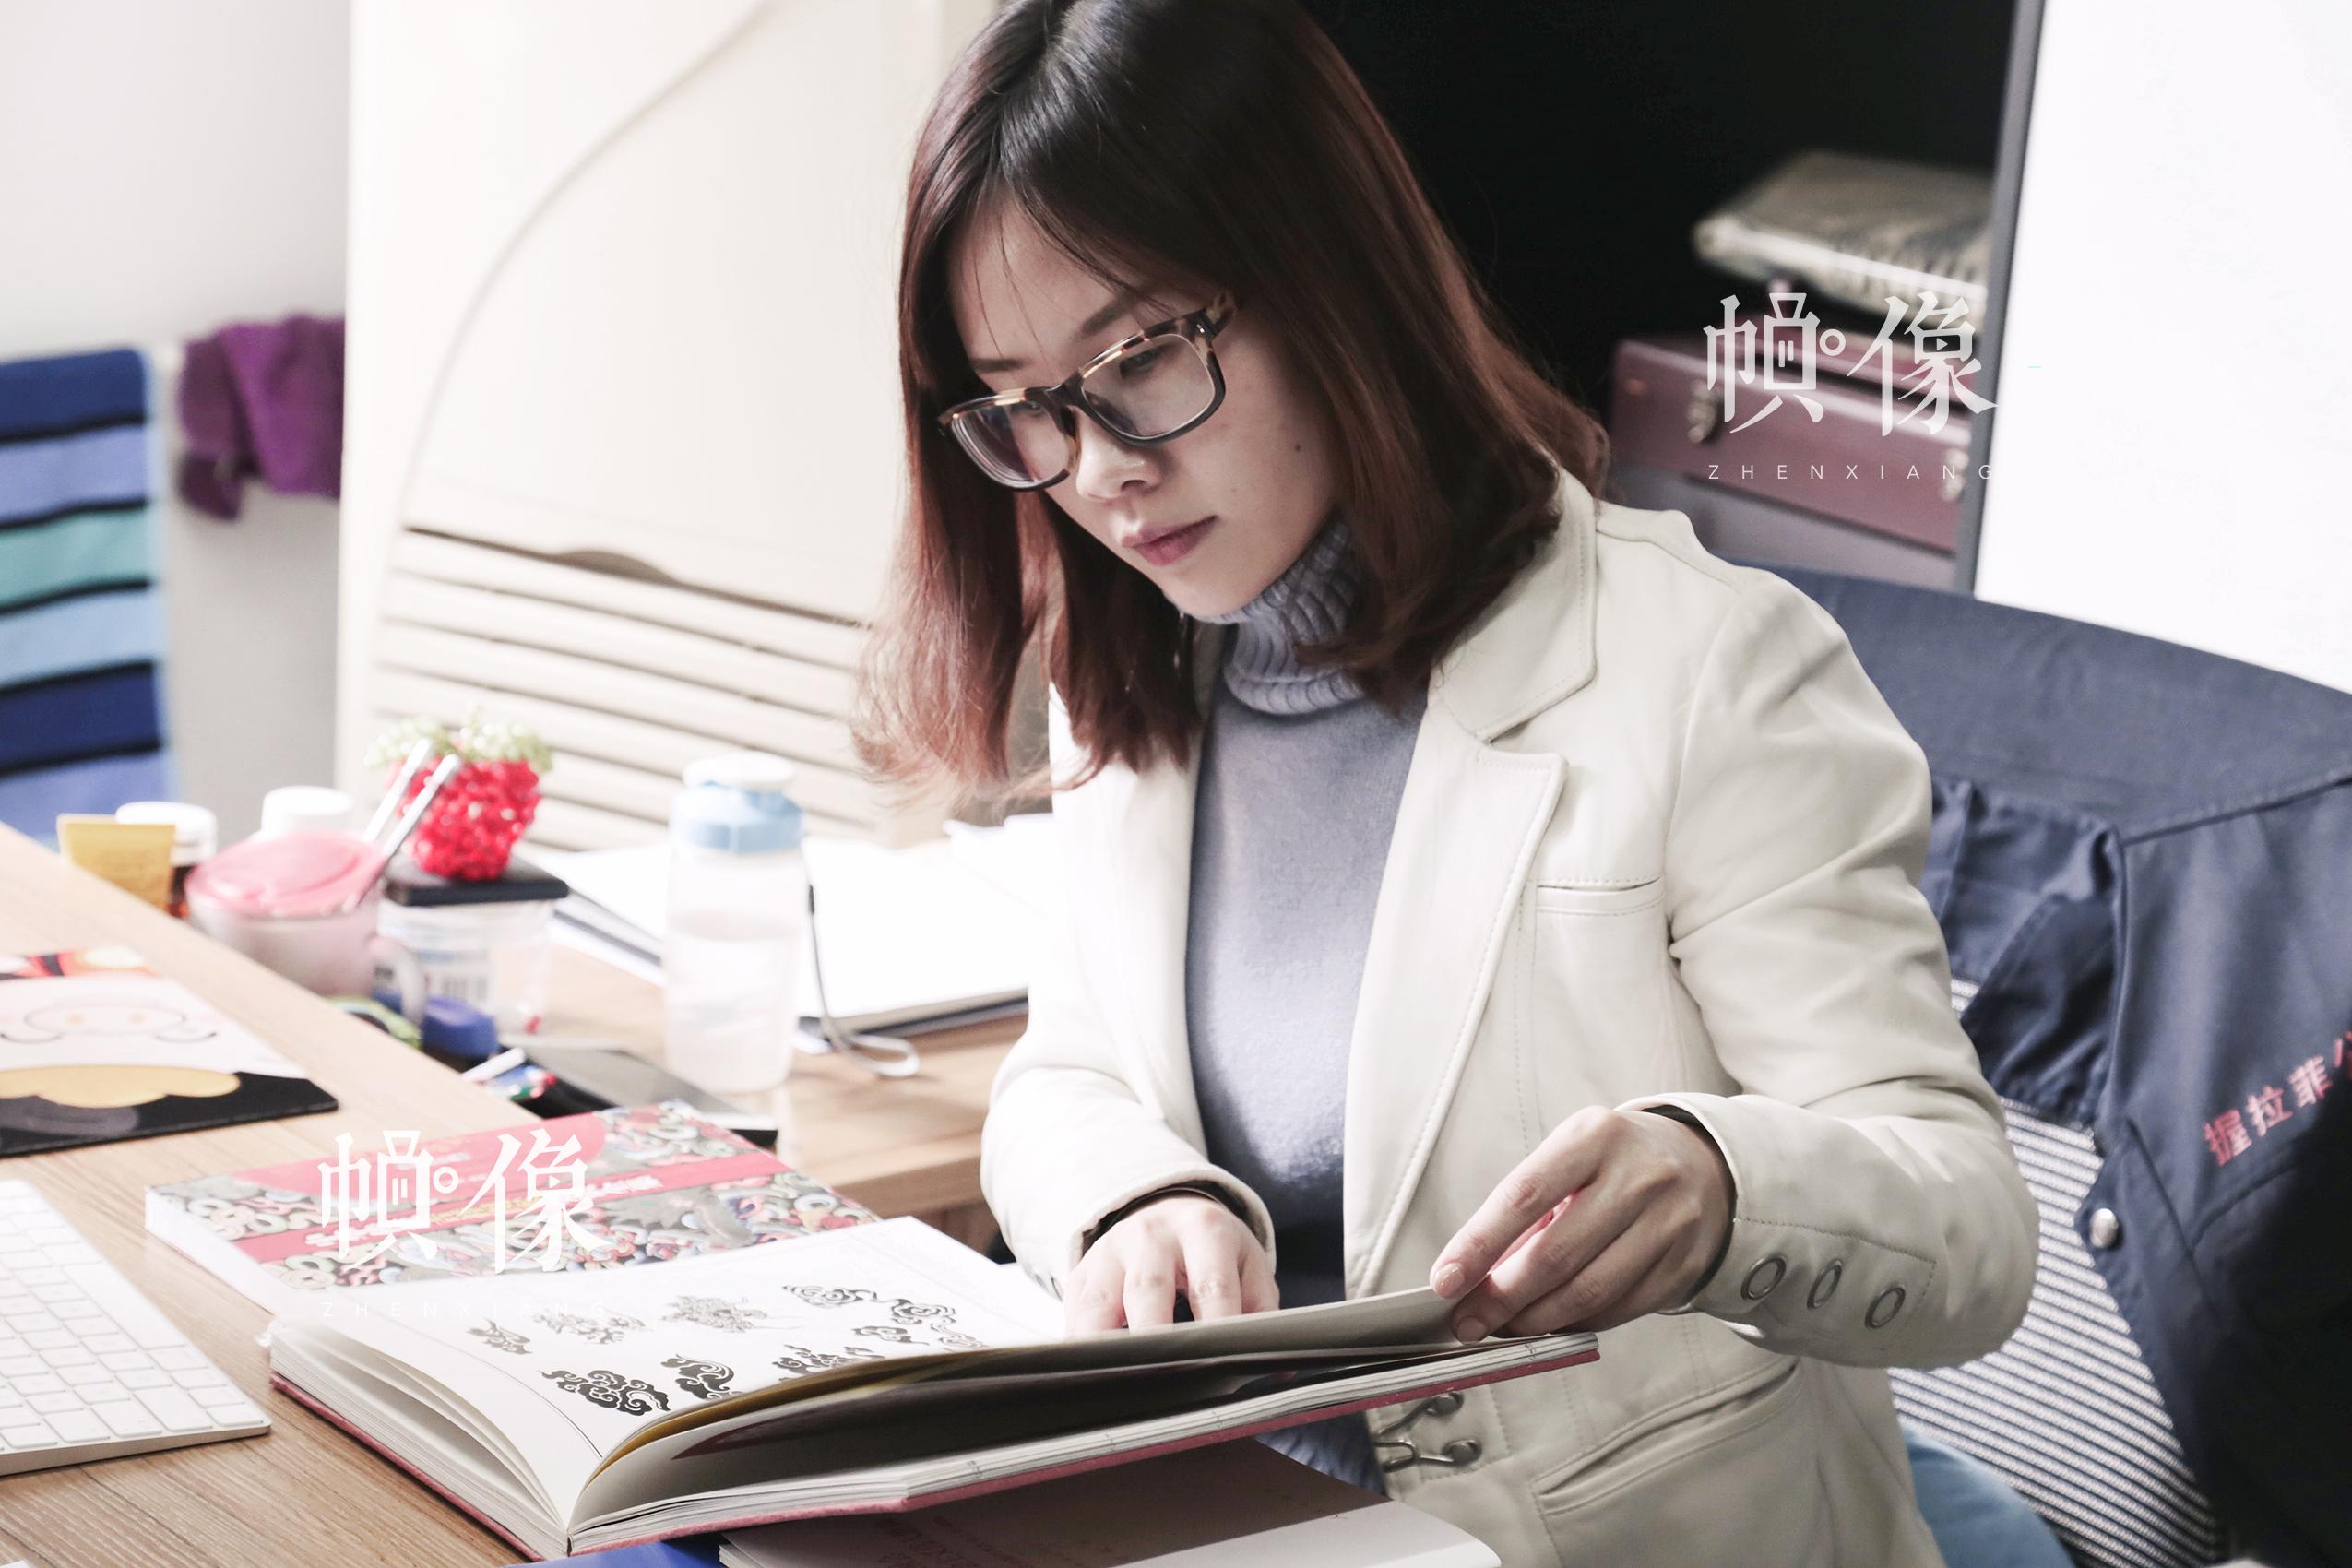 2018年3月3日,全国人大代表、北京工美集团握拉菲首饰有限公司设计部主任侯湛莹翻看设计书籍寻找设计灵感。中国网实习记者 张颖颖 摄